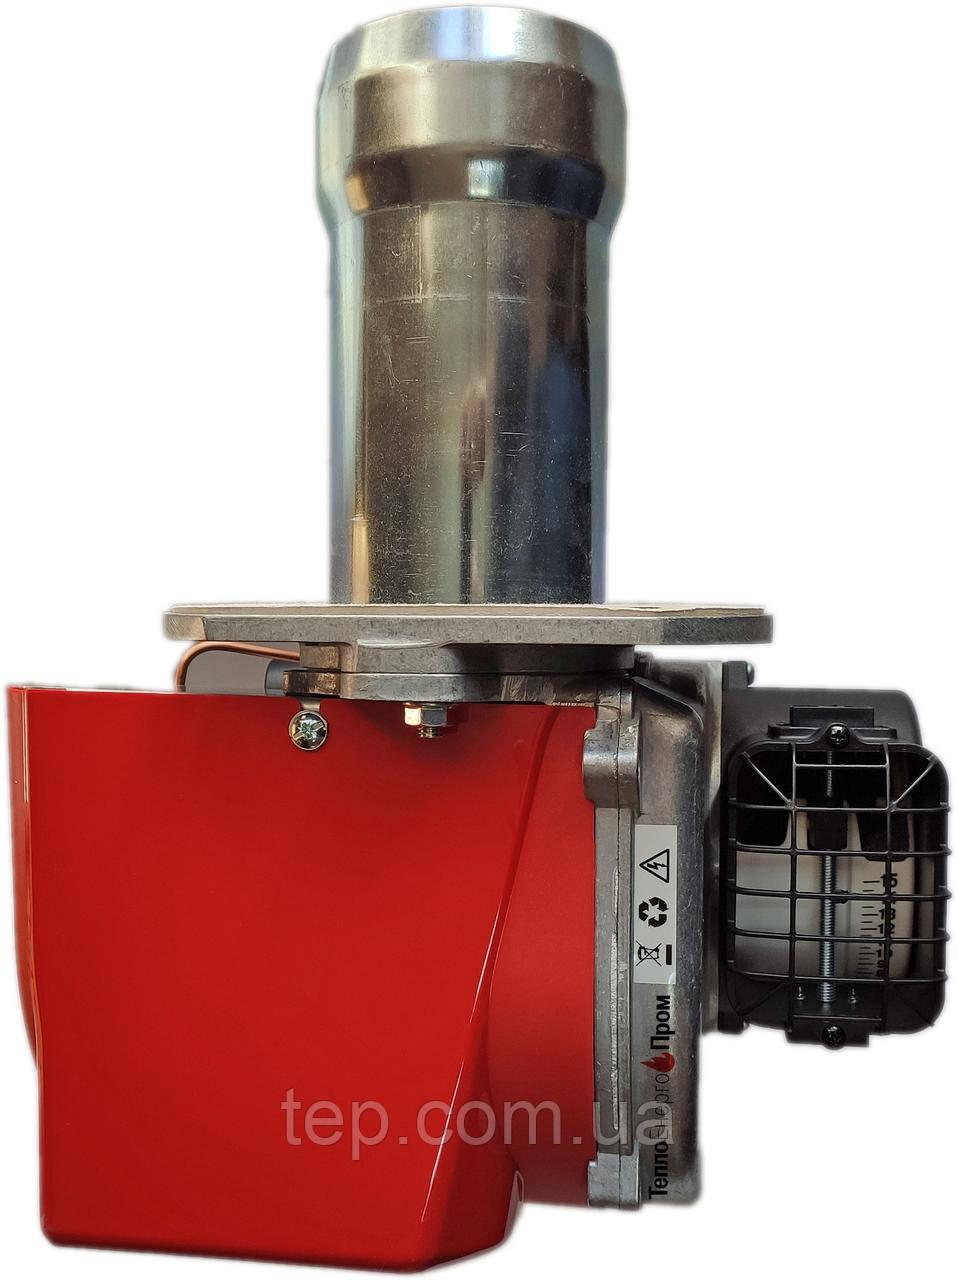 Дизельная горелка Ecoflam MAX 12 TL мощностью 130 кВт